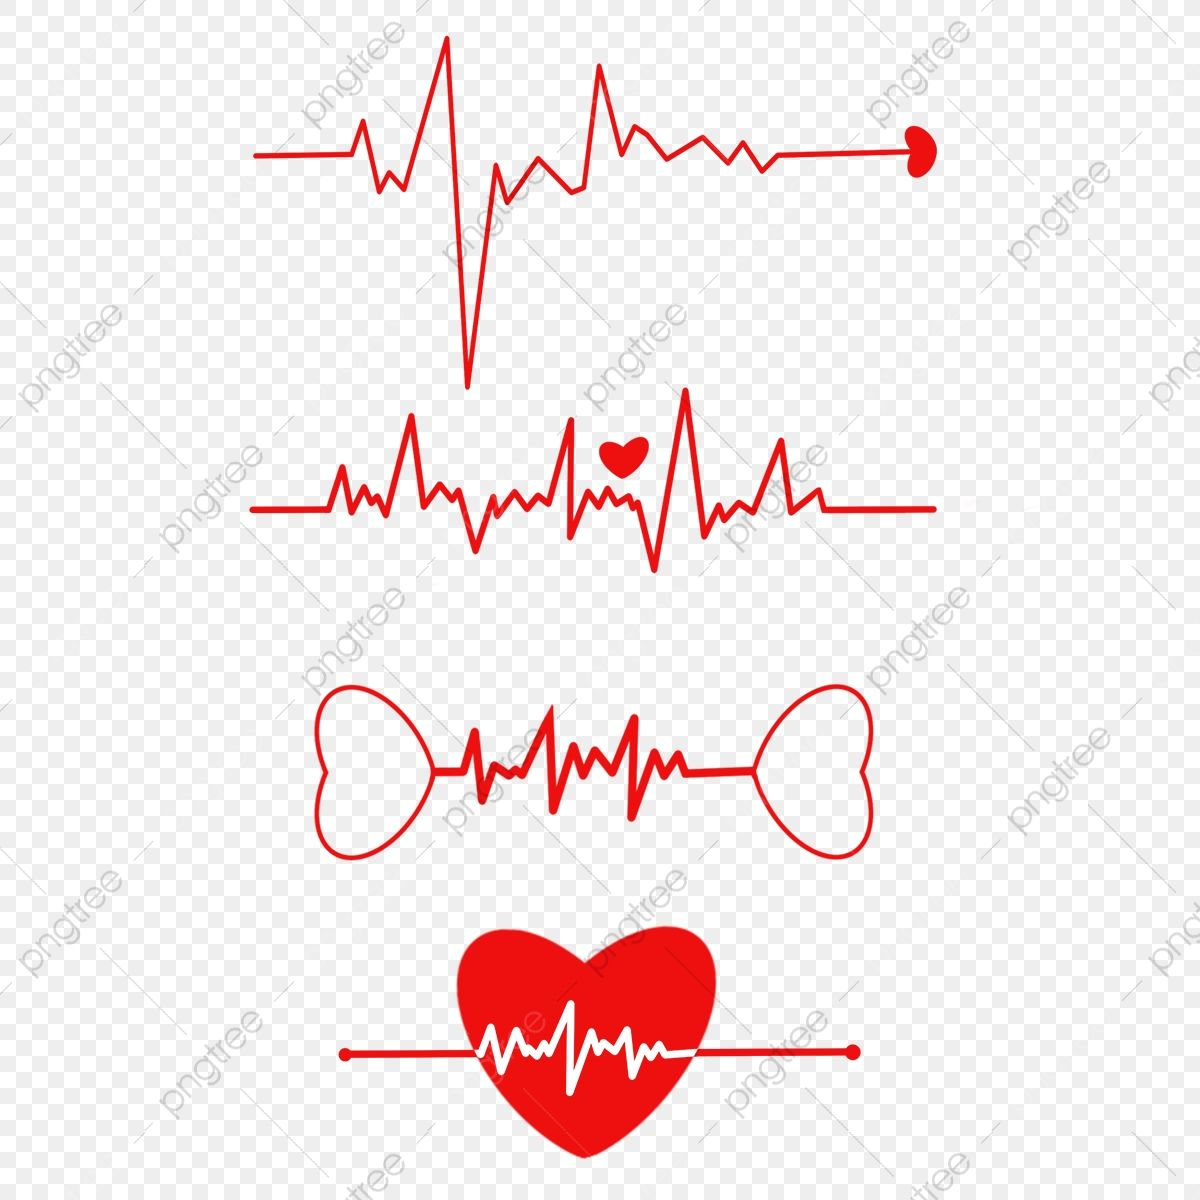 القلب الأحمر القلب نبض القلب المرسومة معدل ضربات القلب تخطيط القلب الكهربي Png وملف Psd للتحميل مجانا Red Heart Red Heart